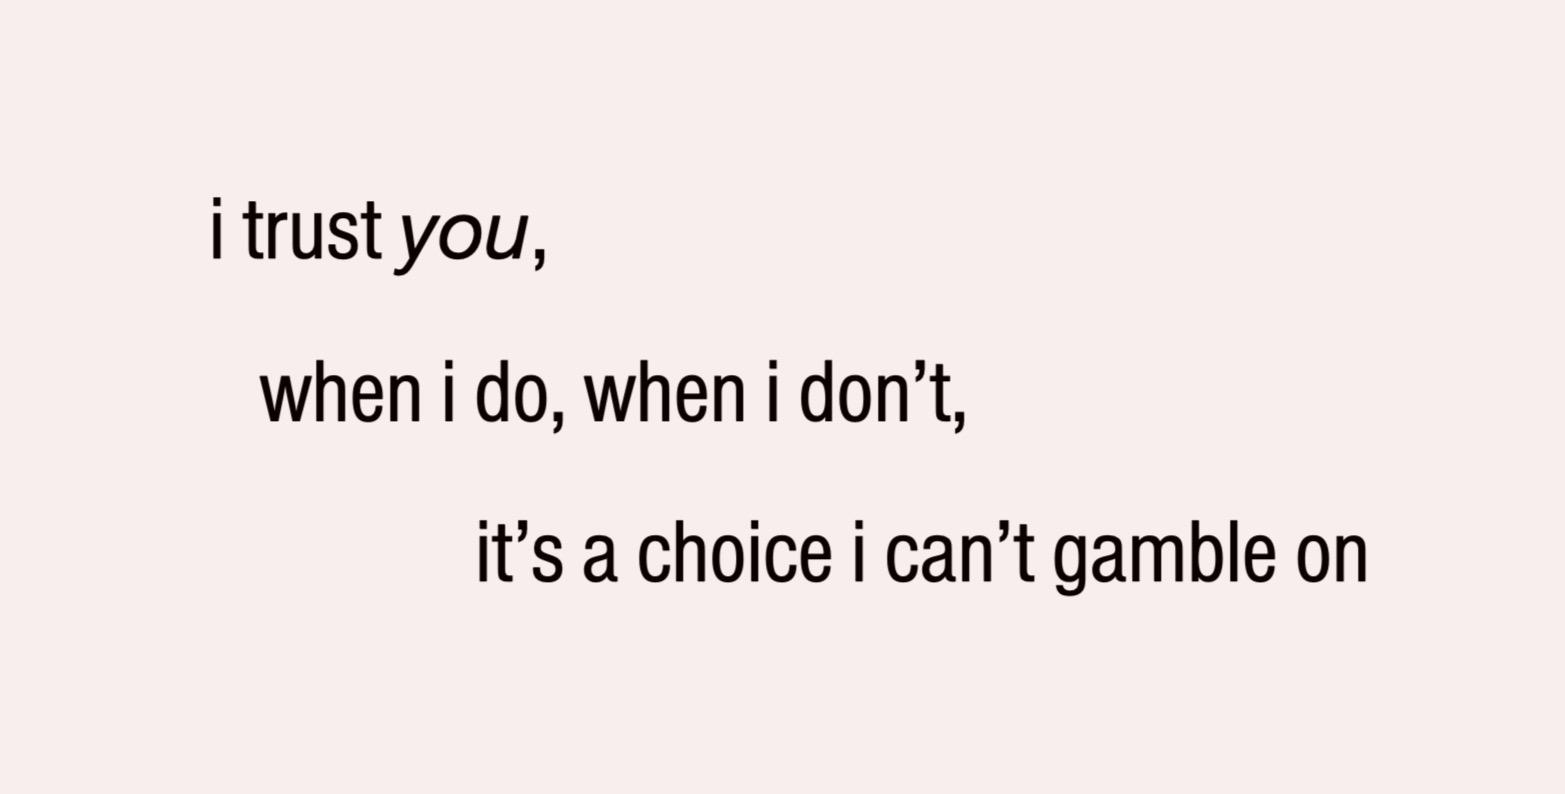 #trust #choices